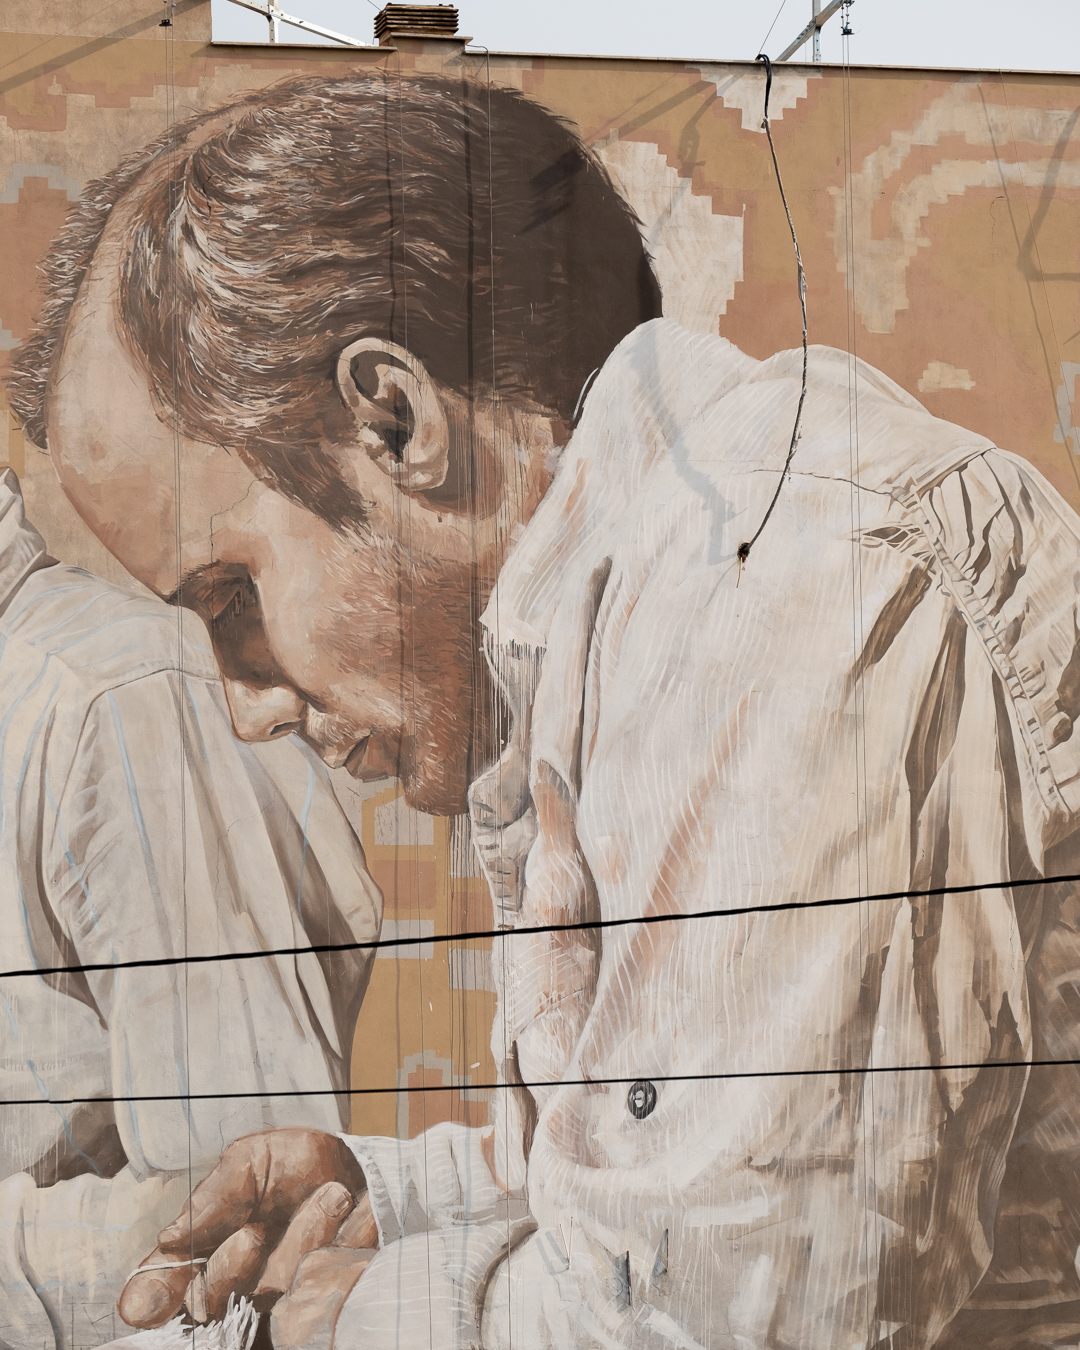 Fintan Magee & Guido Van Helten in Tehran, Iran Artes & contextos TehranGVH Instagram 2736